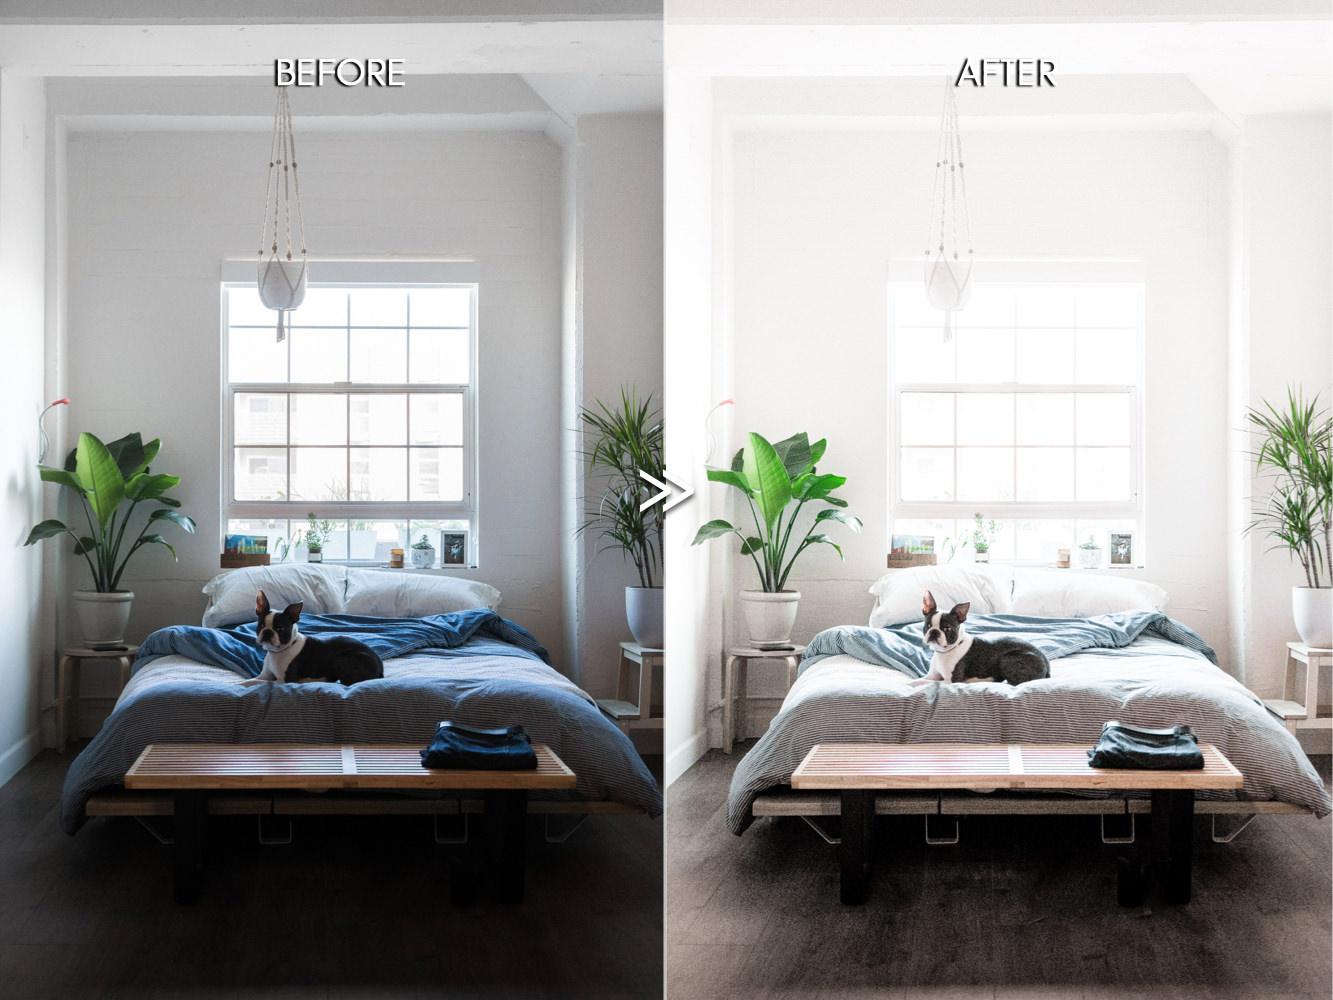 THE LIGHT & AIRY BUNDLE - Natural Clean Bright Lightroom Presets for Desktop + Mobile - bright white interior home indoor real estate lightroom presets 4 -